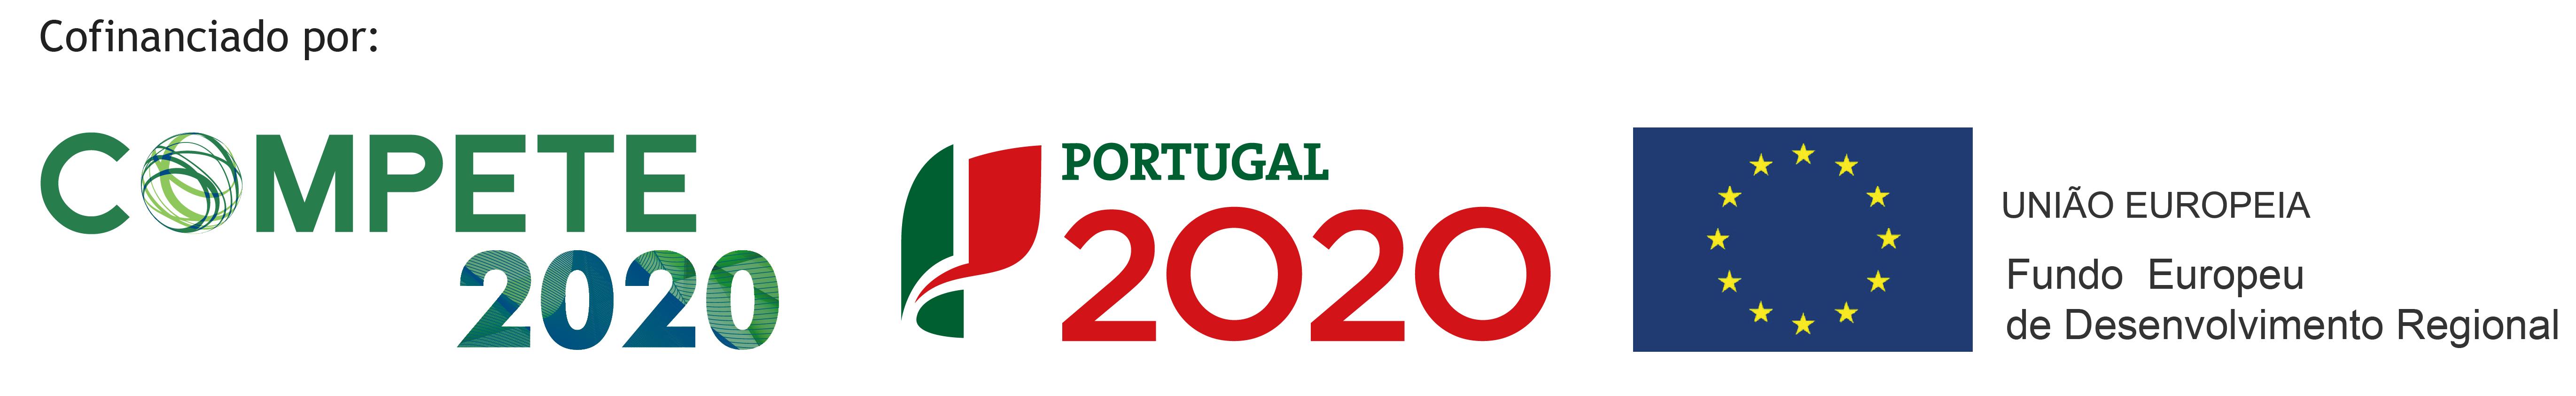 COMPETE 2020 + PT2020 + EU (Logotipo FEDER)